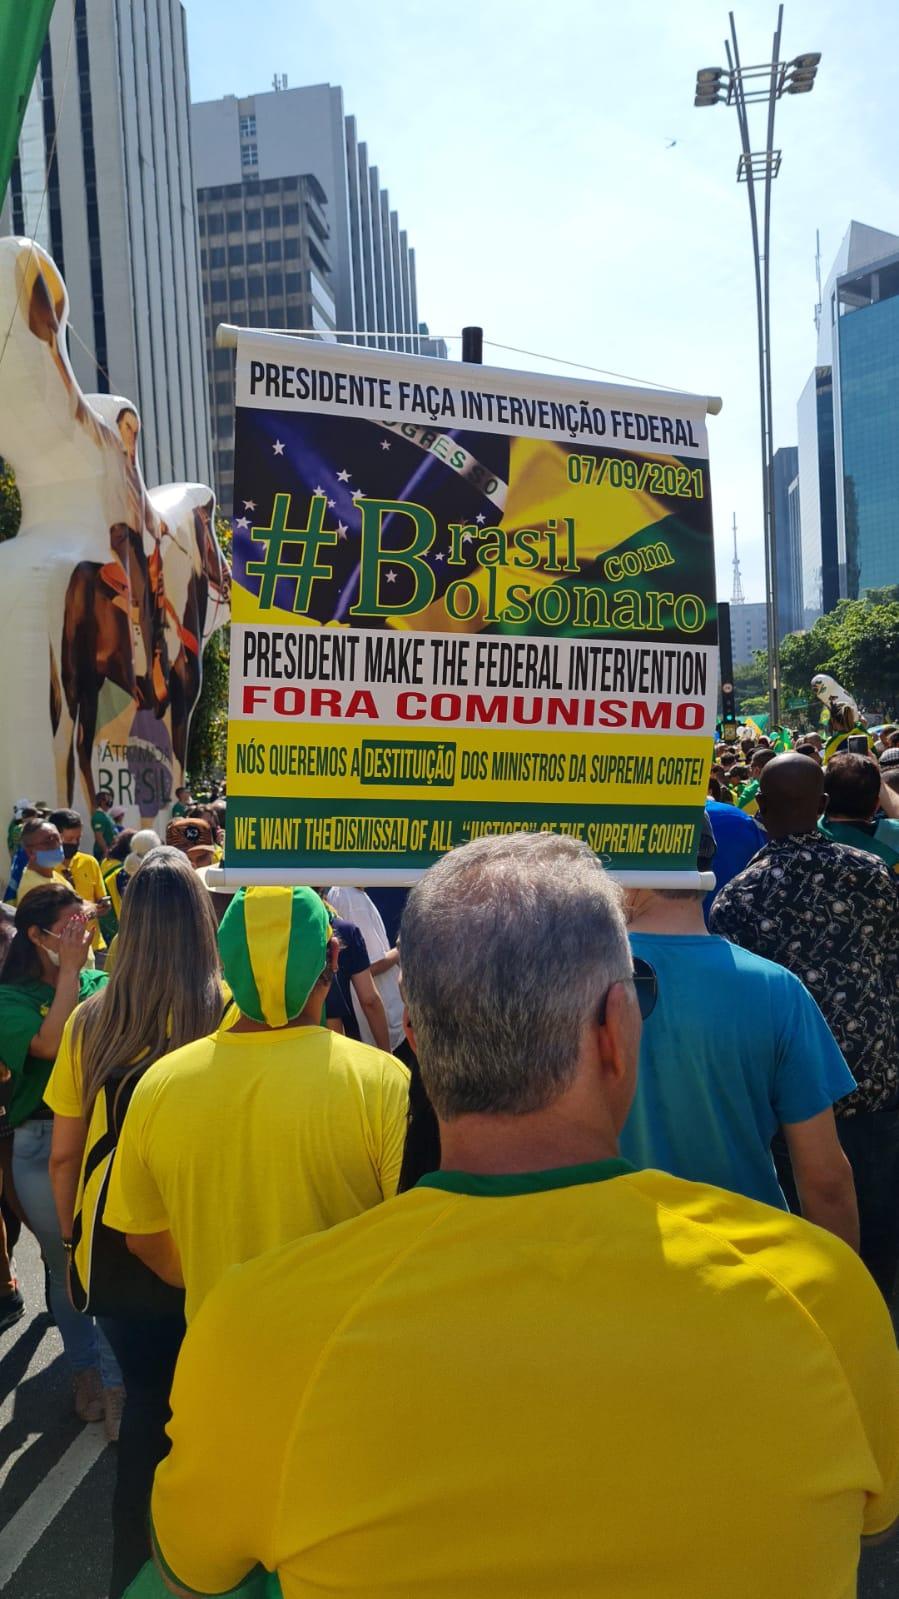 Imagem mostra multidão e cartaz que diz: presidente faça intervenção federal